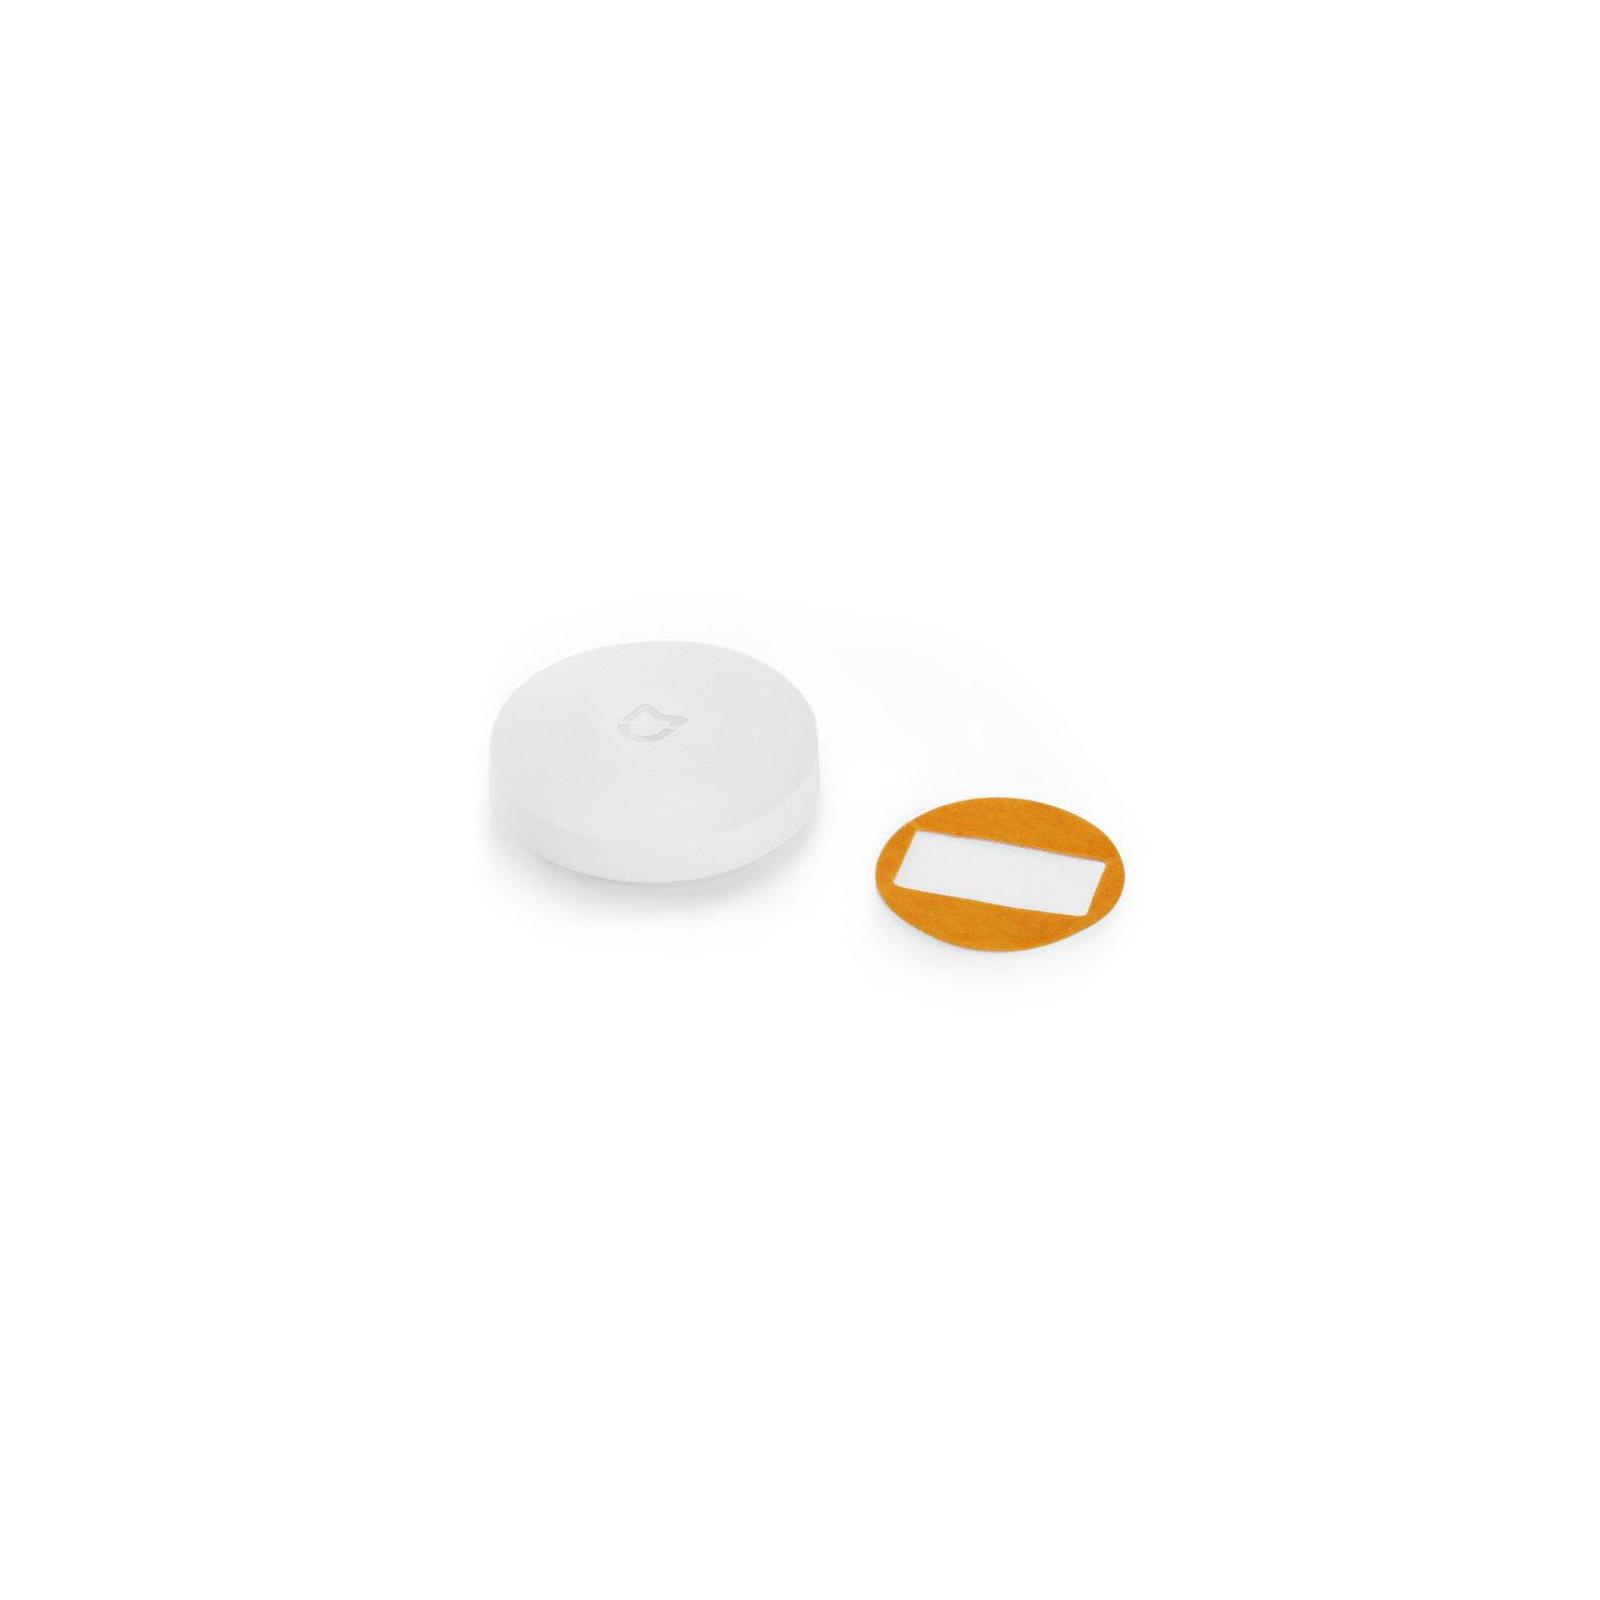 Кнопка управления беспроводными выключателями Xiaomi Mijia Wireless Switch WXKG01LM (YTC4017CN/YTC4006CN) изображение 6